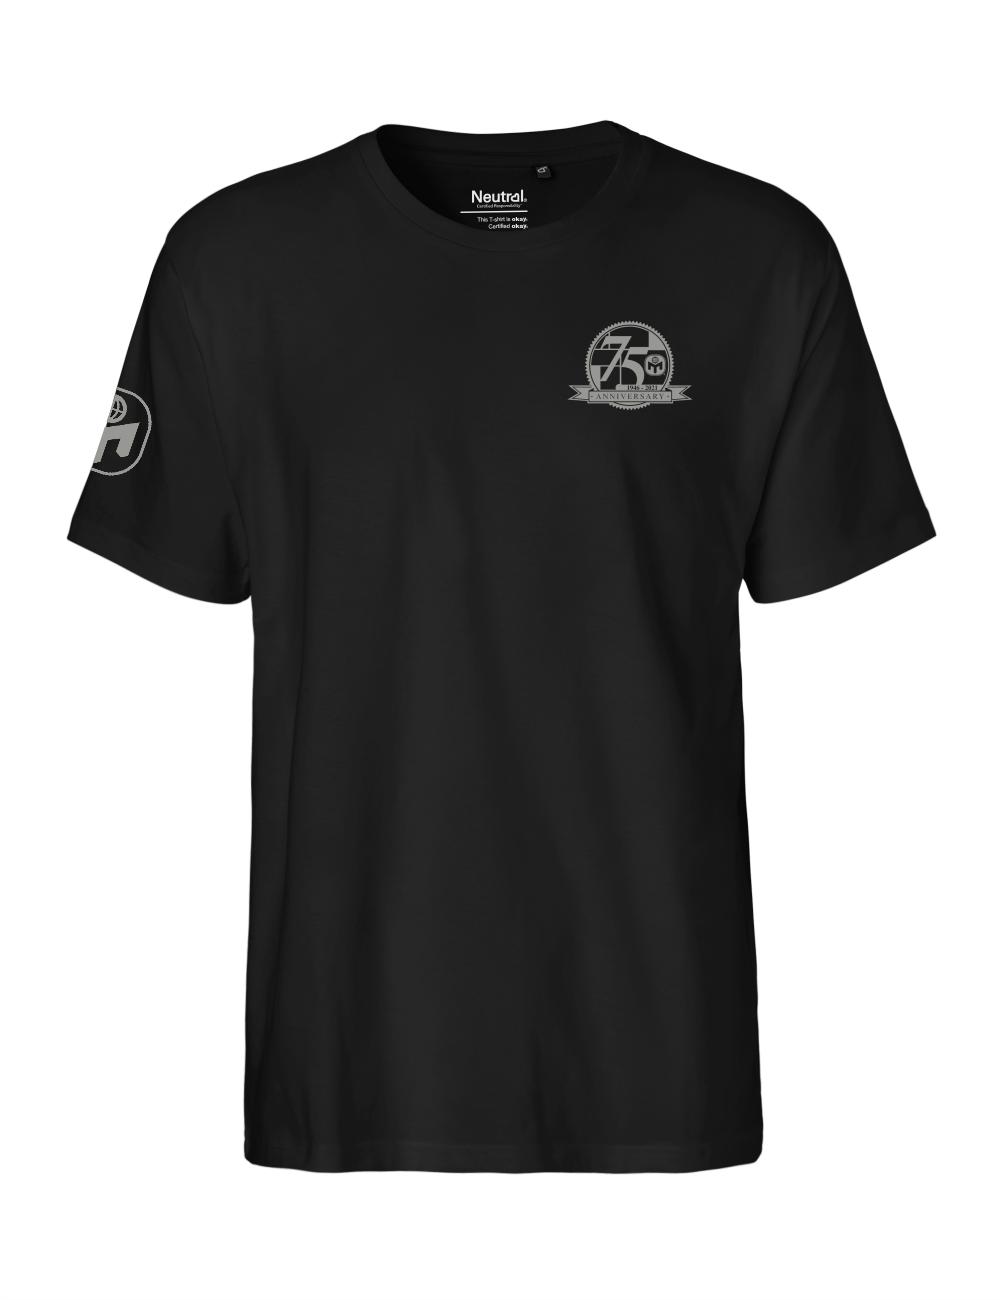 """T-Shirt Herren """"75. Geburtstag von Mensa"""" Premium"""